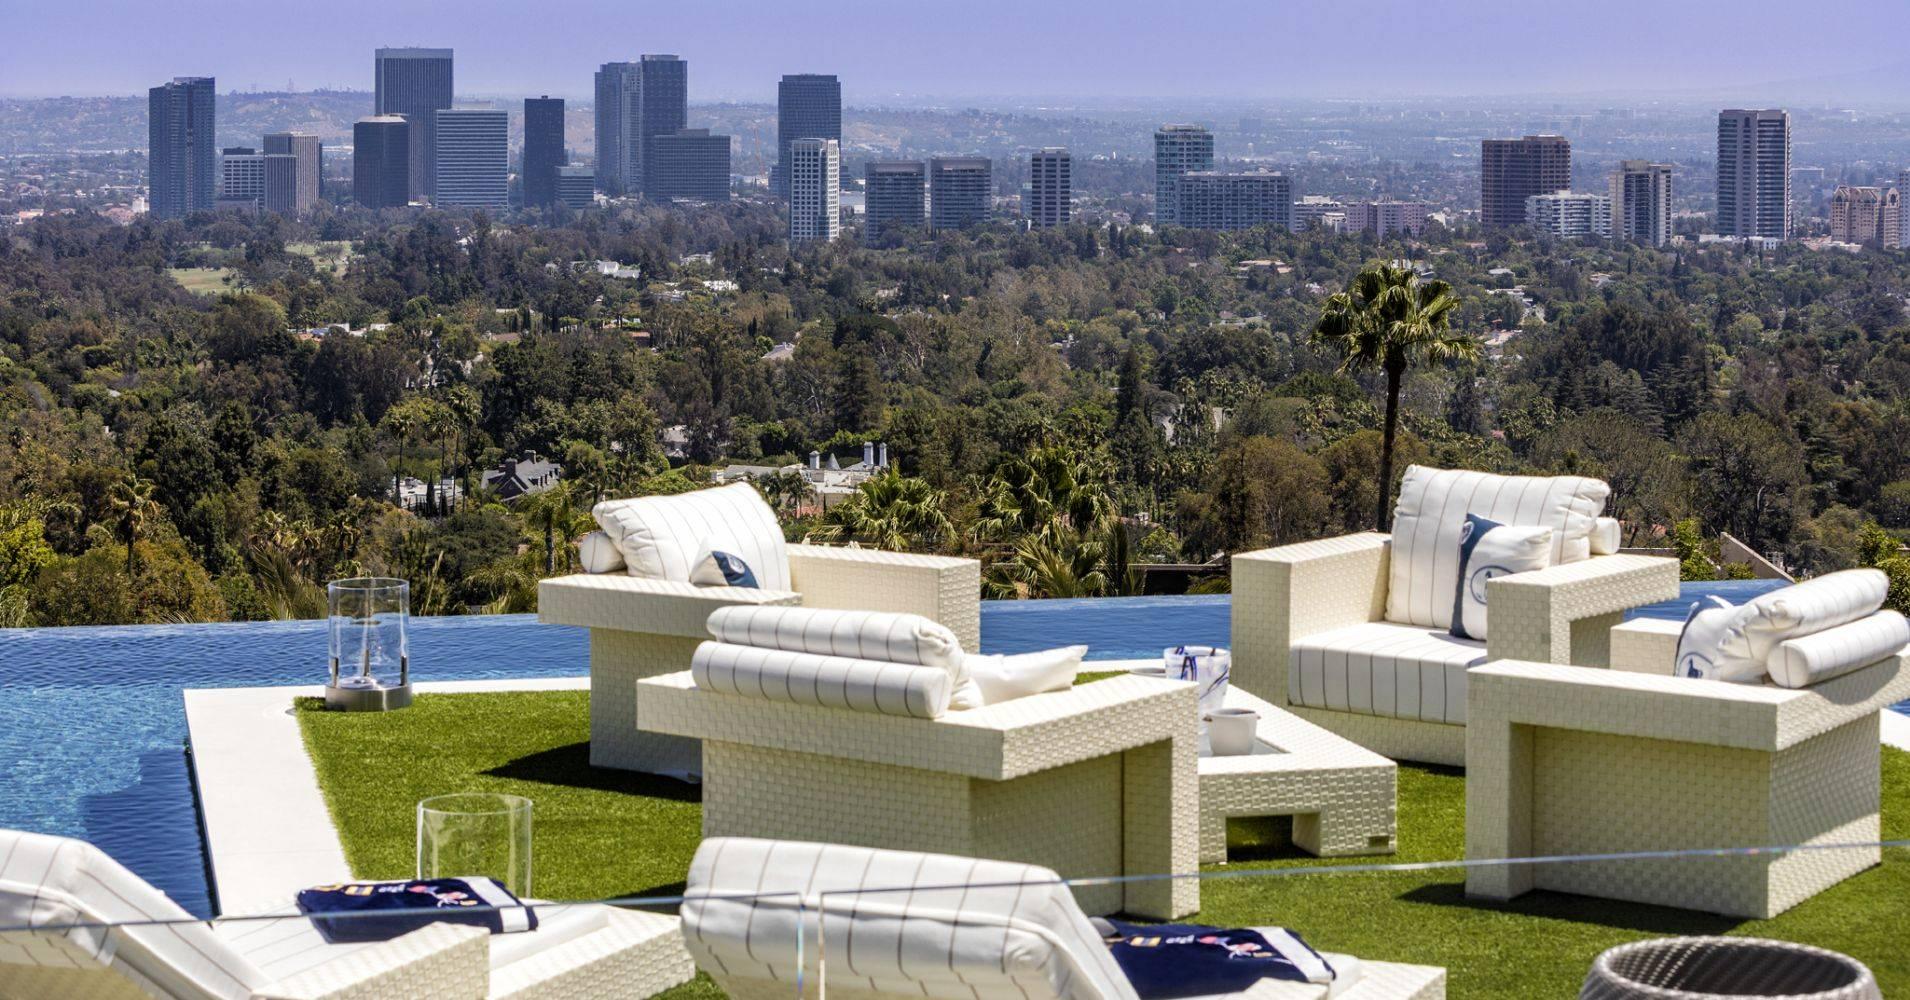 Жизни в лос анджелесе: сколько стоит снять жилье? о ценах на жкх и продукты. о медицине и досуге | не сидится - клуб желающих переехать